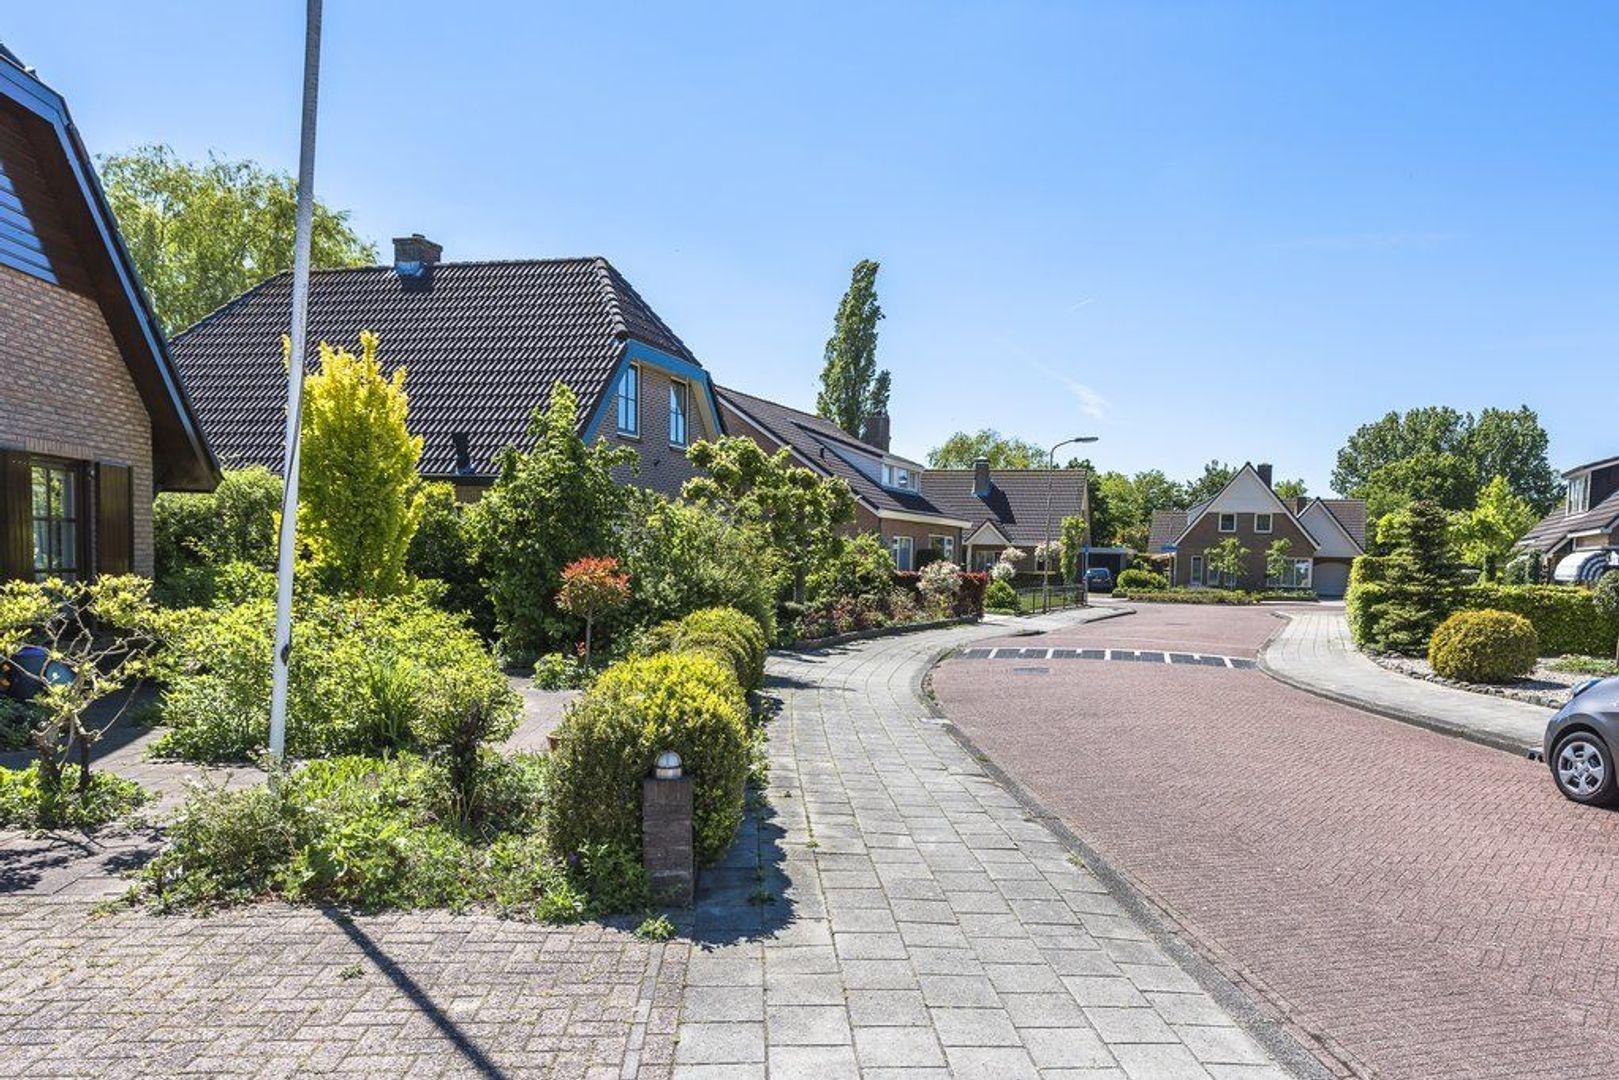 Antonie Meilingstraat 5, Nijkerk foto-23